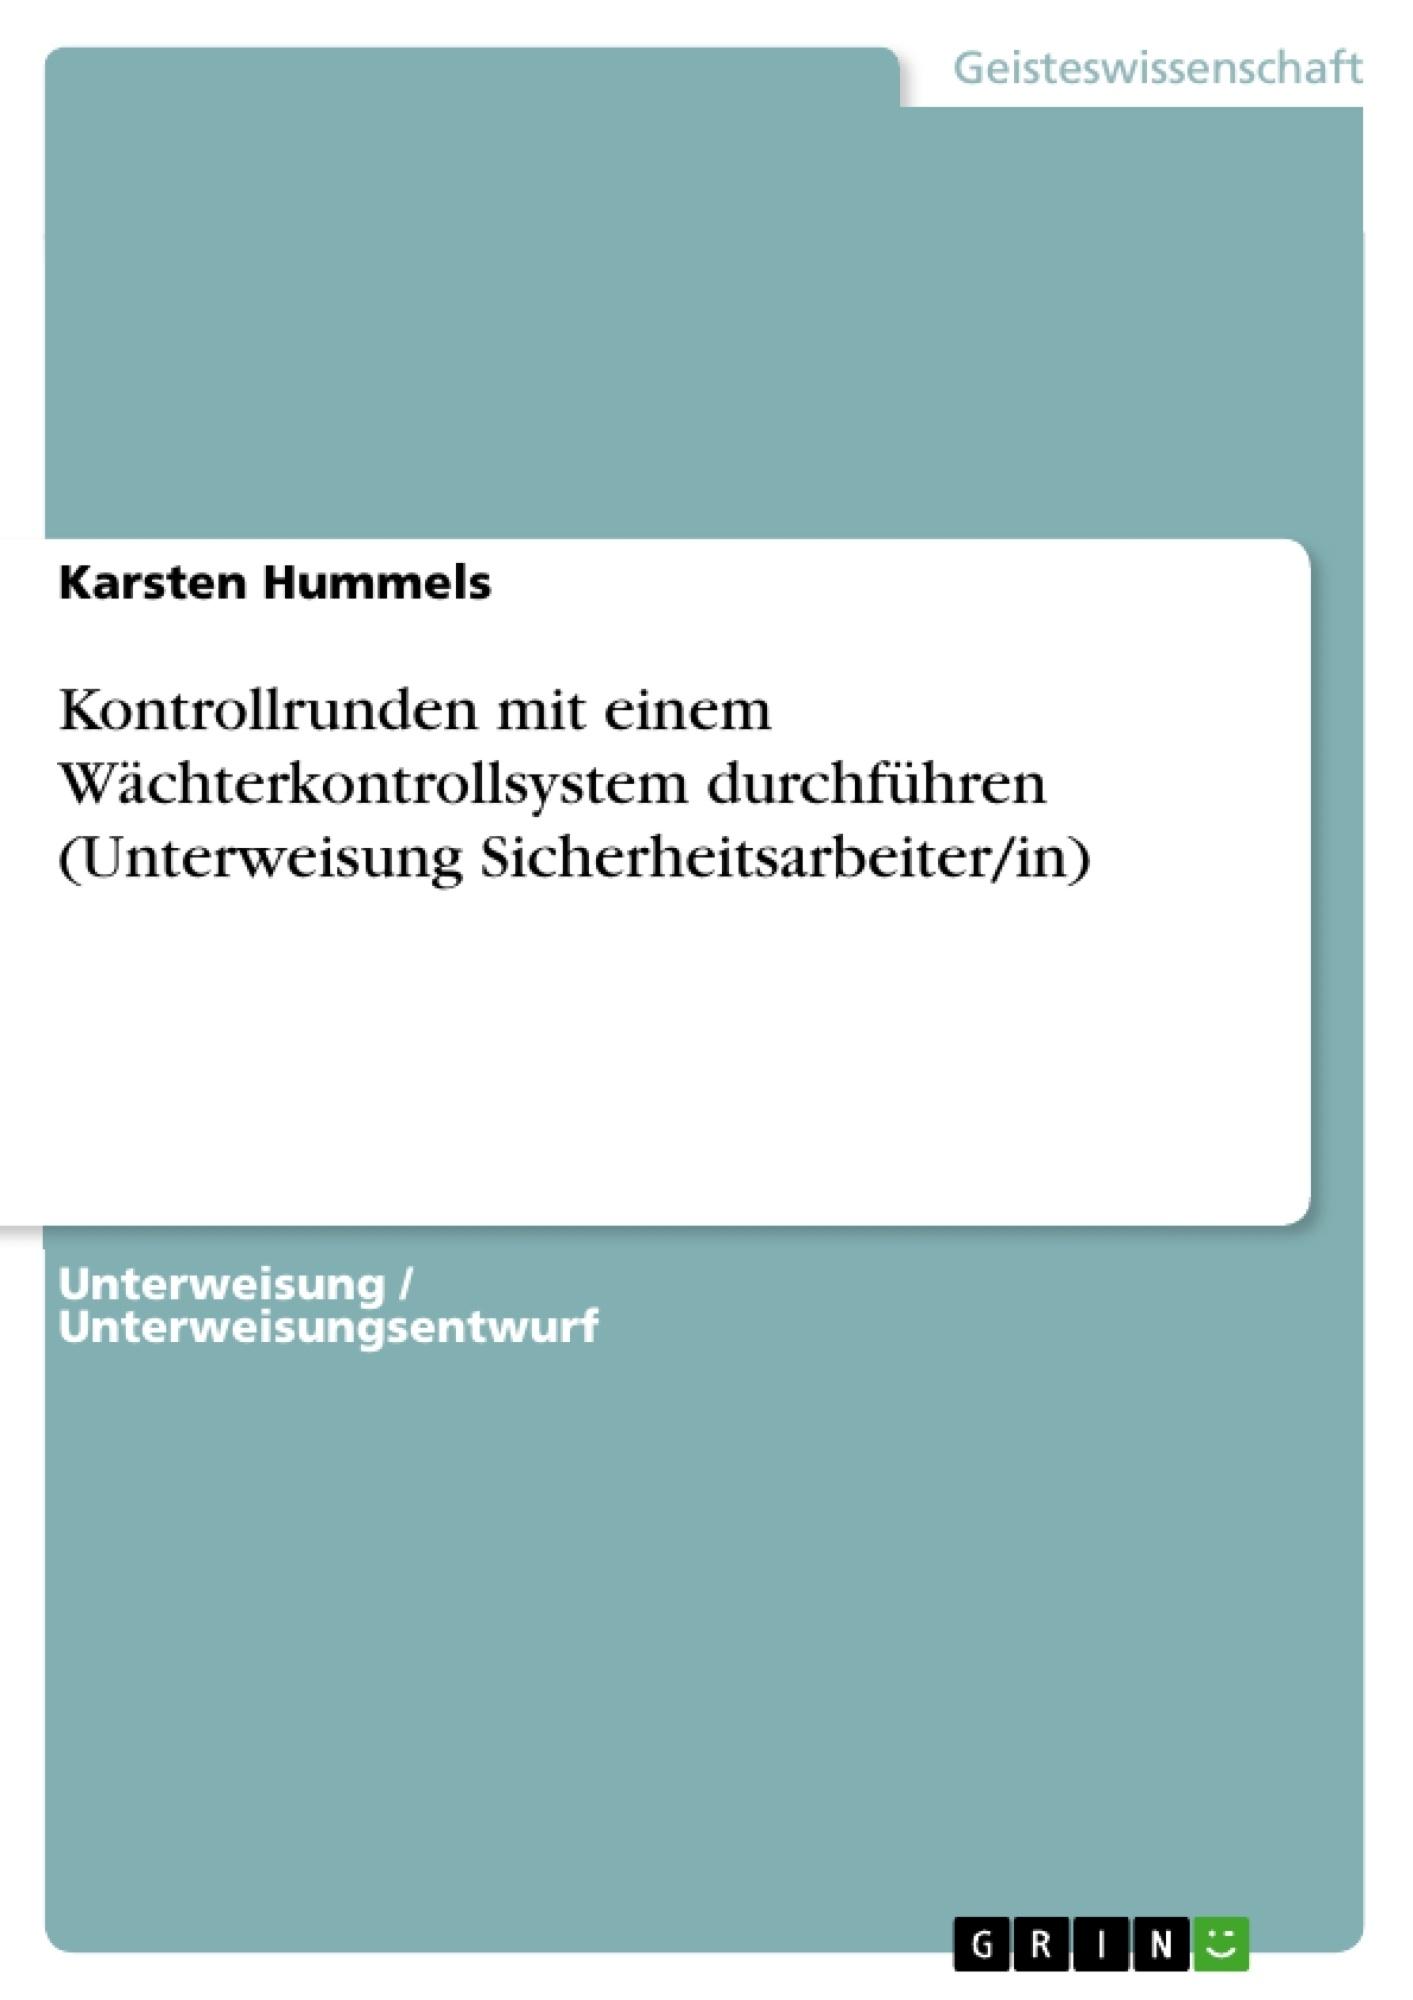 Titel: Kontrollrunden mit einem Wächterkontrollsystem durchführen (Unterweisung Sicherheitsarbeiter/in)